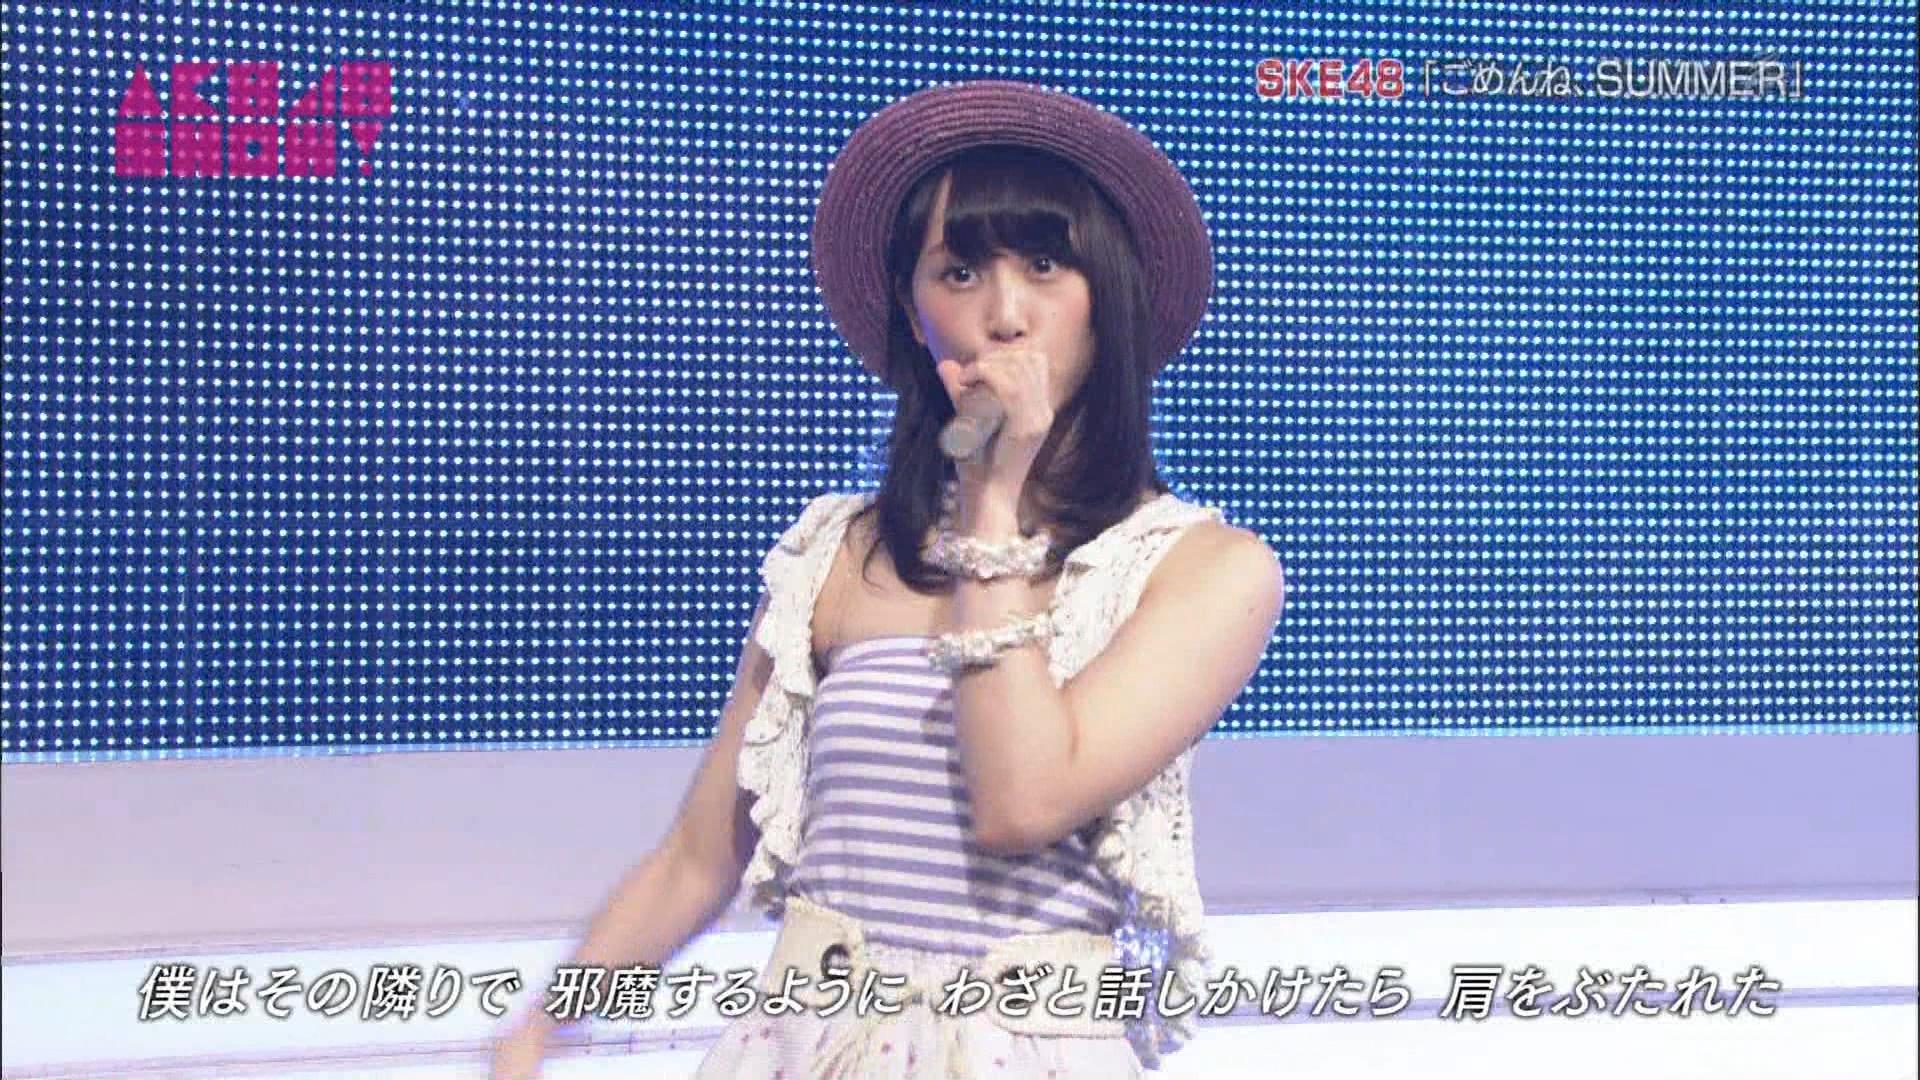 AKB48SHOW ごめんね、SUMMER 松井玲奈 20140830 (6)